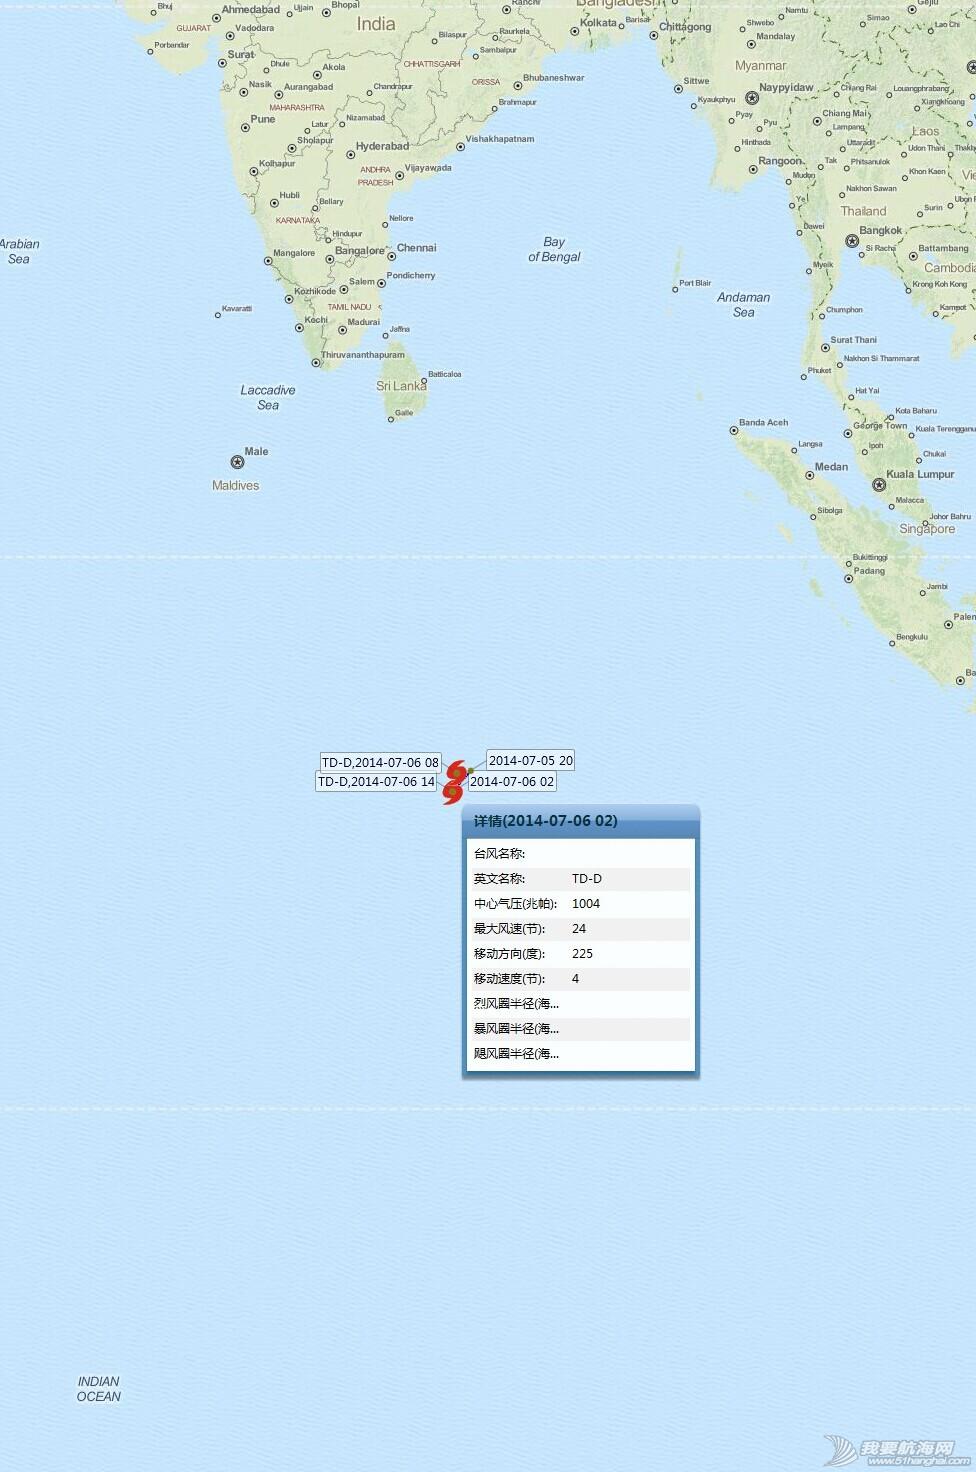 印度洋,台风,印度洋台风,烟斗,气象导航 【印度洋台风】20140706 TD-D 印度洋台风 20140706 TD-D